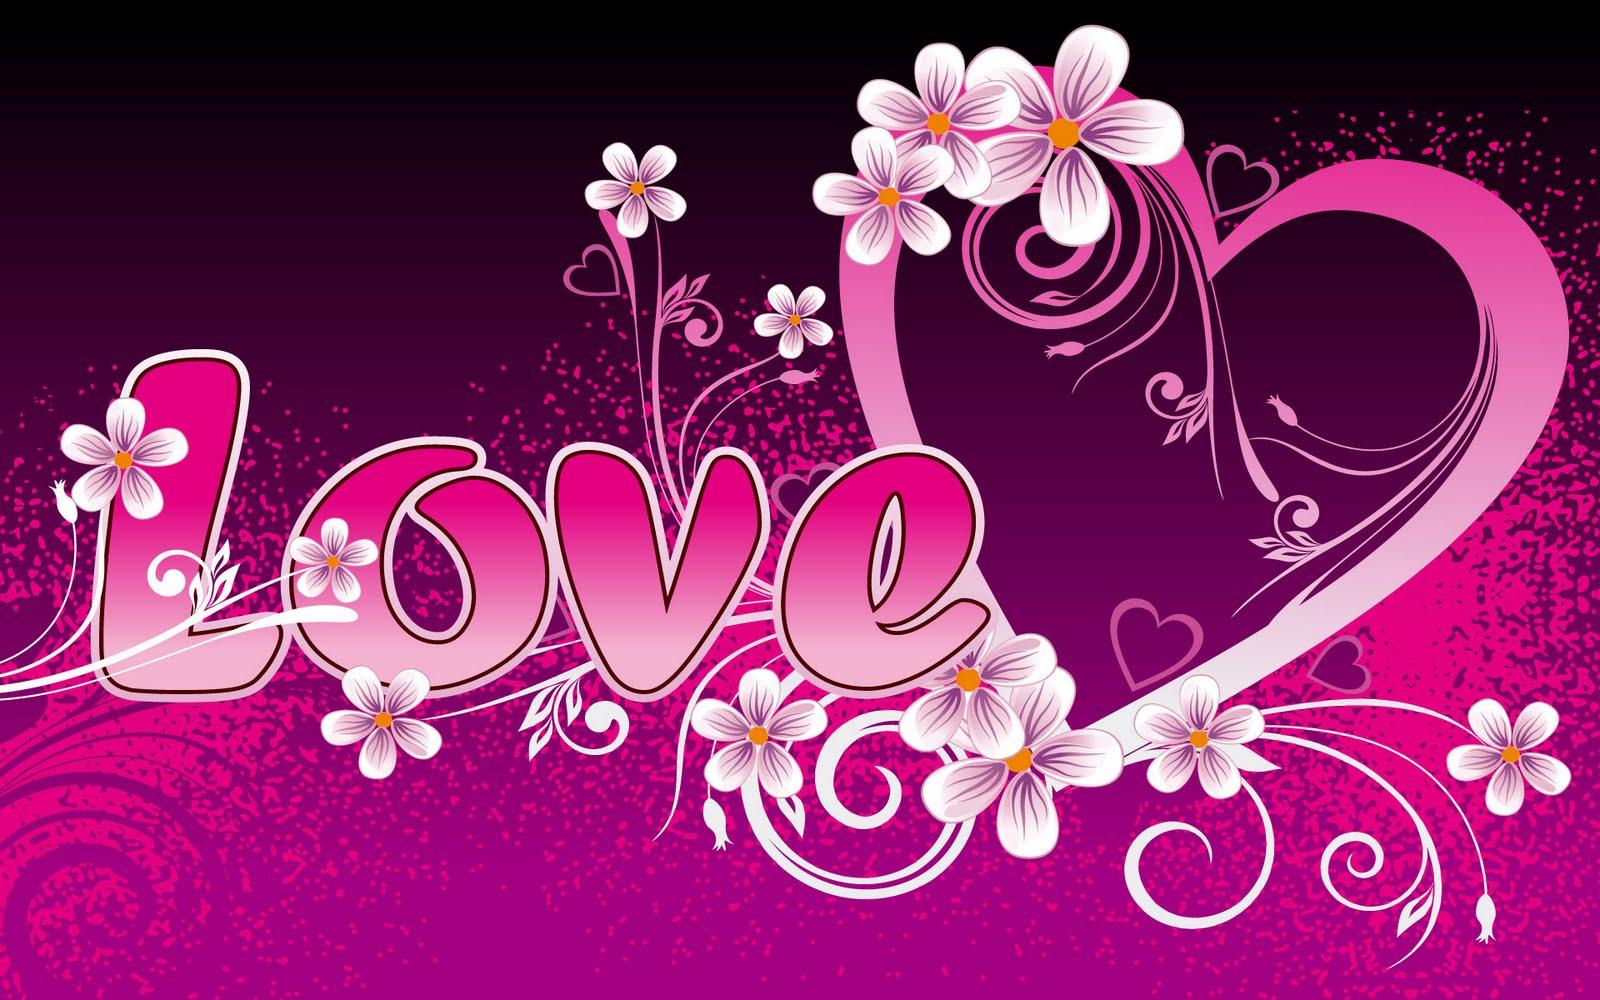 Imágenes De Emos Enamorados: Wallpaper: Wallpaper De Emos Enamorados